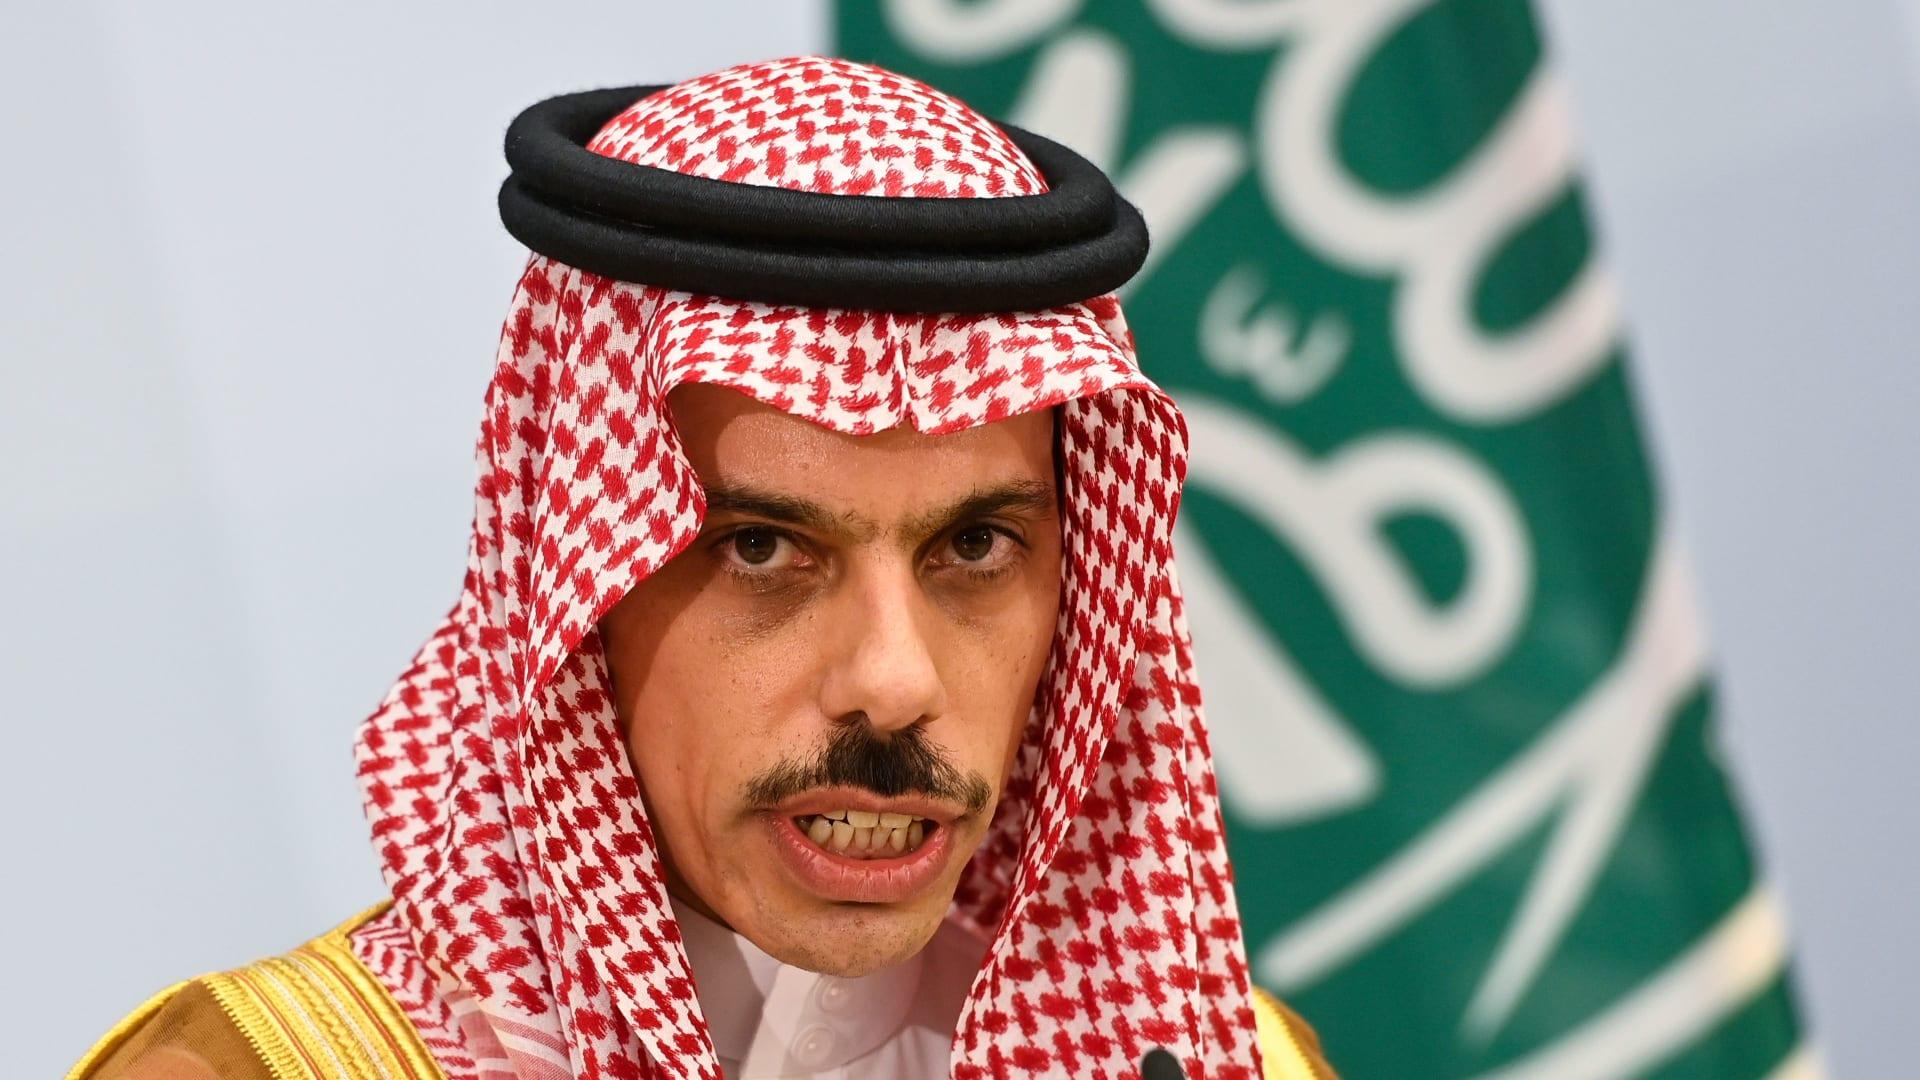 وزير خارجية السعودية: سنحمي مقدراتنا من هجمات الحوثيين.. وإيران مصدر الصراع باليمن